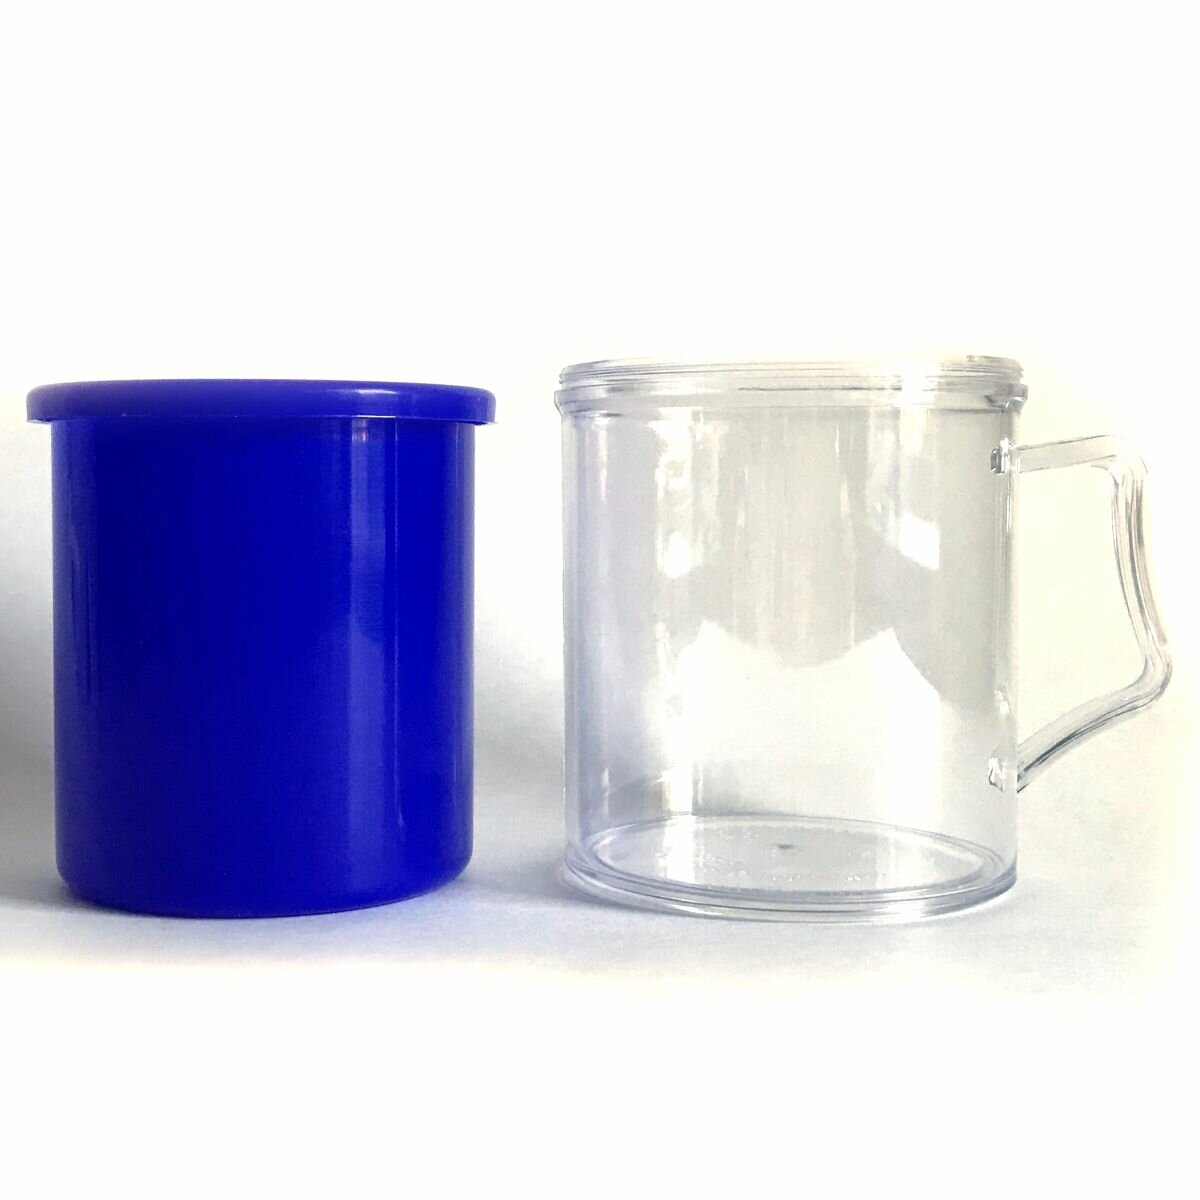 Заготовки пластиковых кружек под полиграфическую вставку АК2 (Синий, 40 шт.)